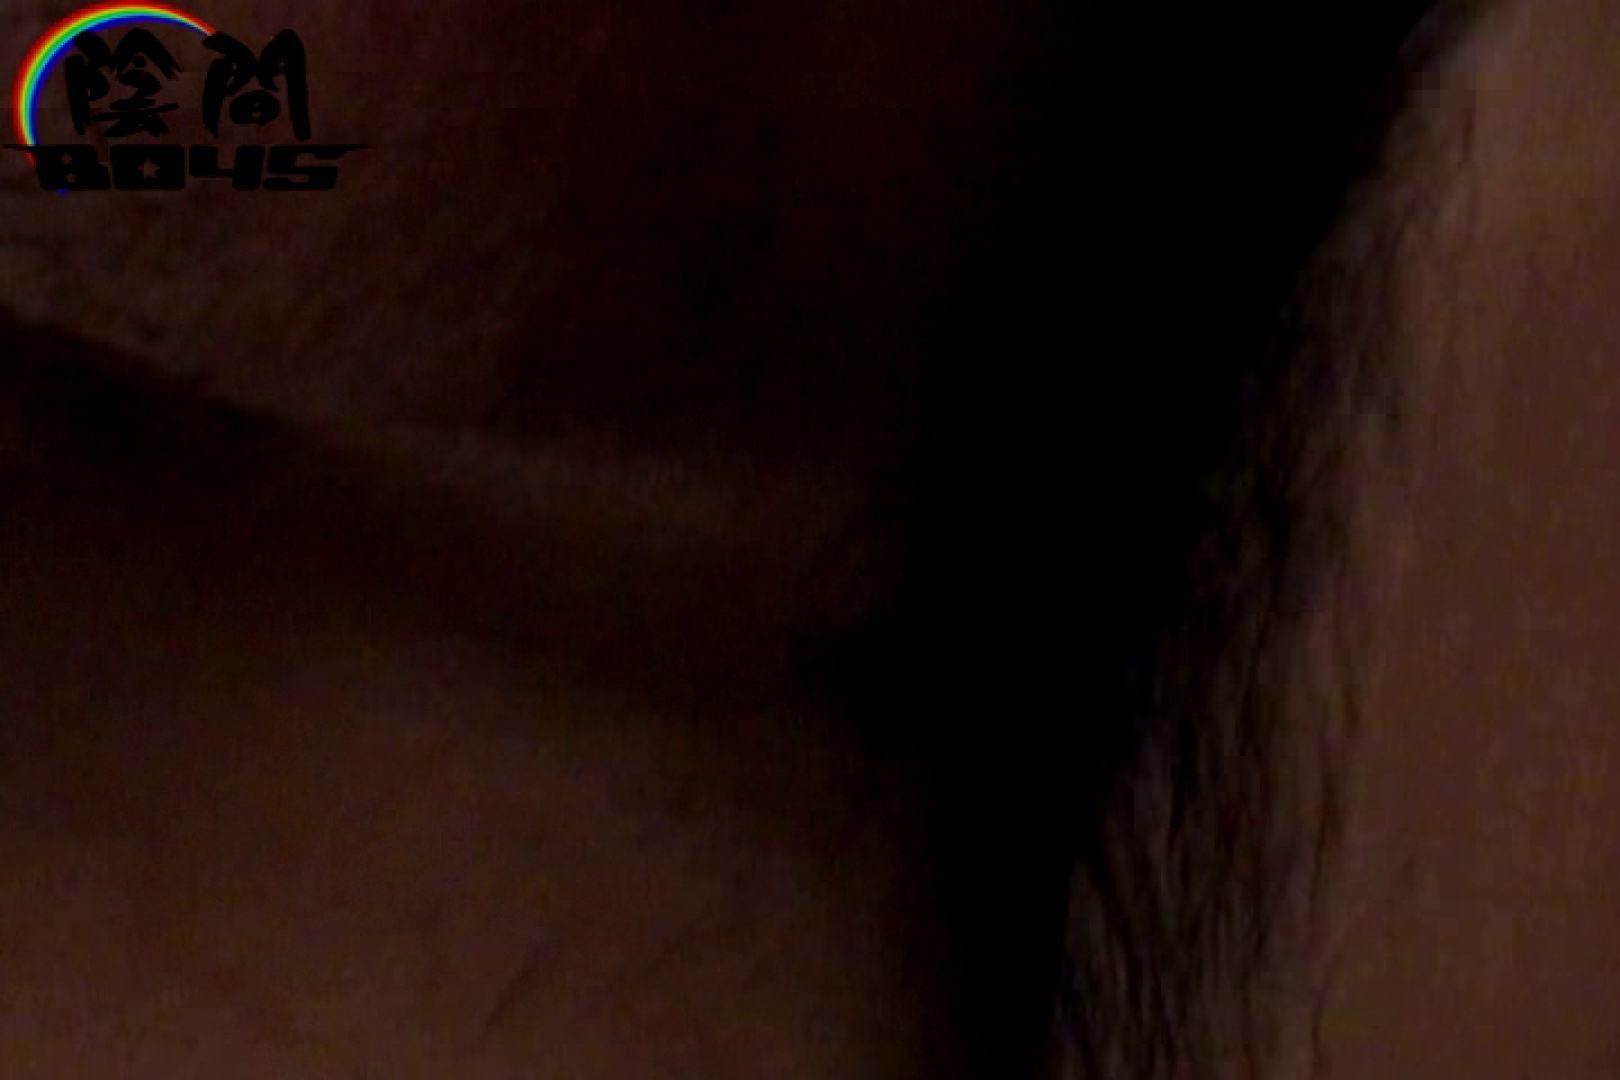 陰間BOYS~IKEMEN Interview~03 フェラシーン ちんこ画像 65画像 59